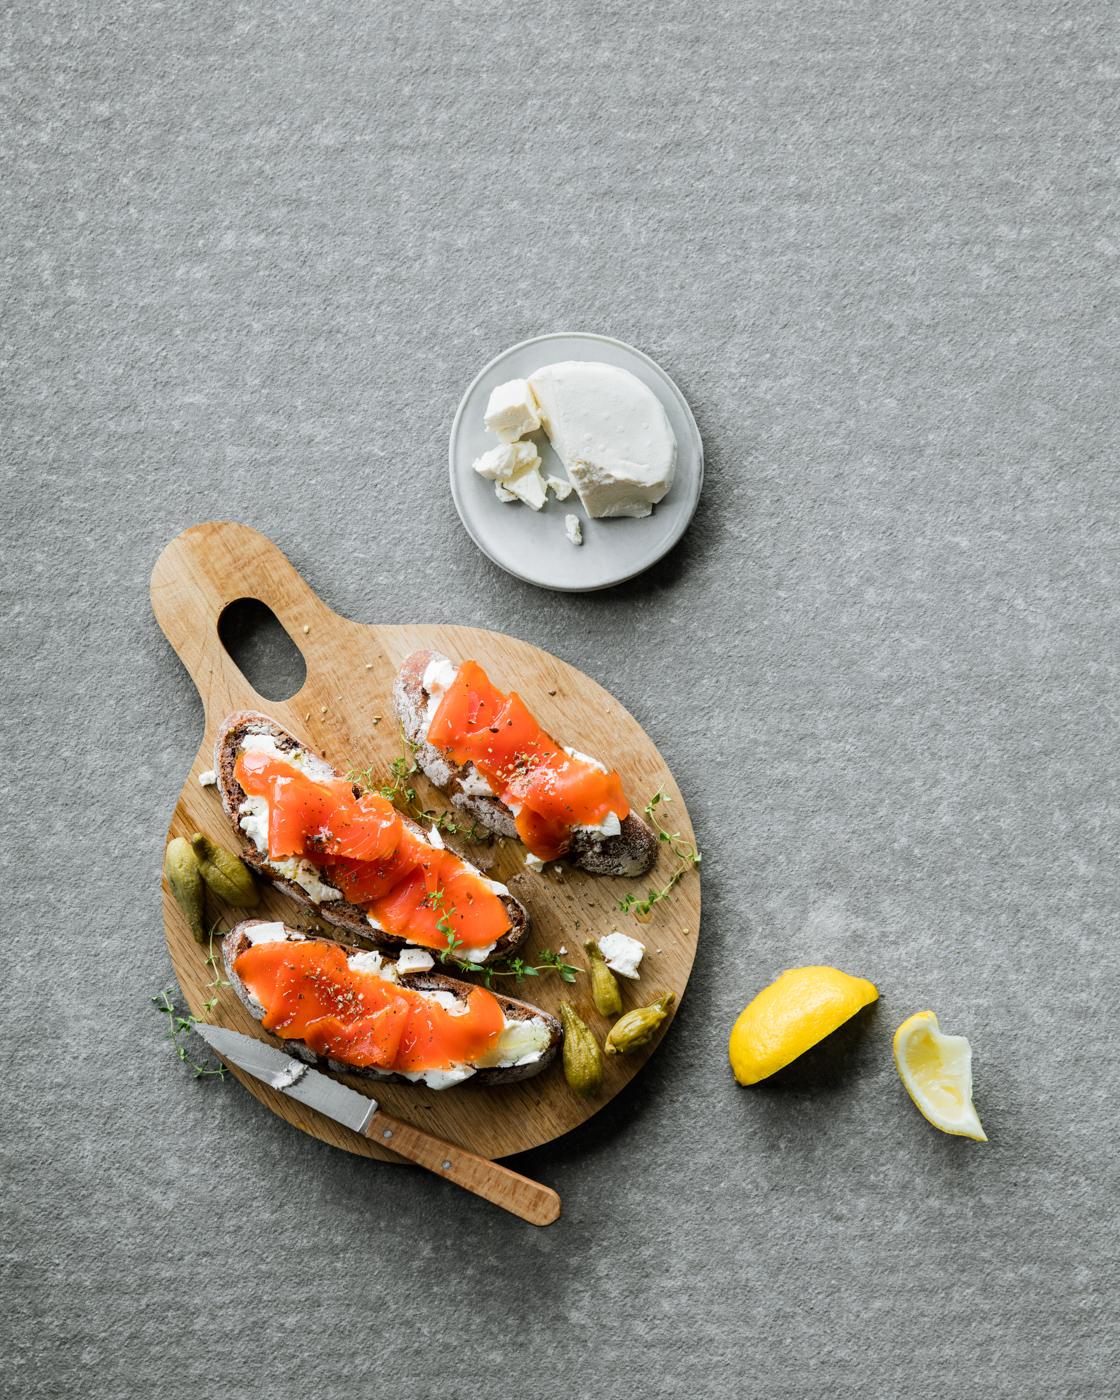 Tartines au Péningouin, saumon fumé et gousses d'asclépiades